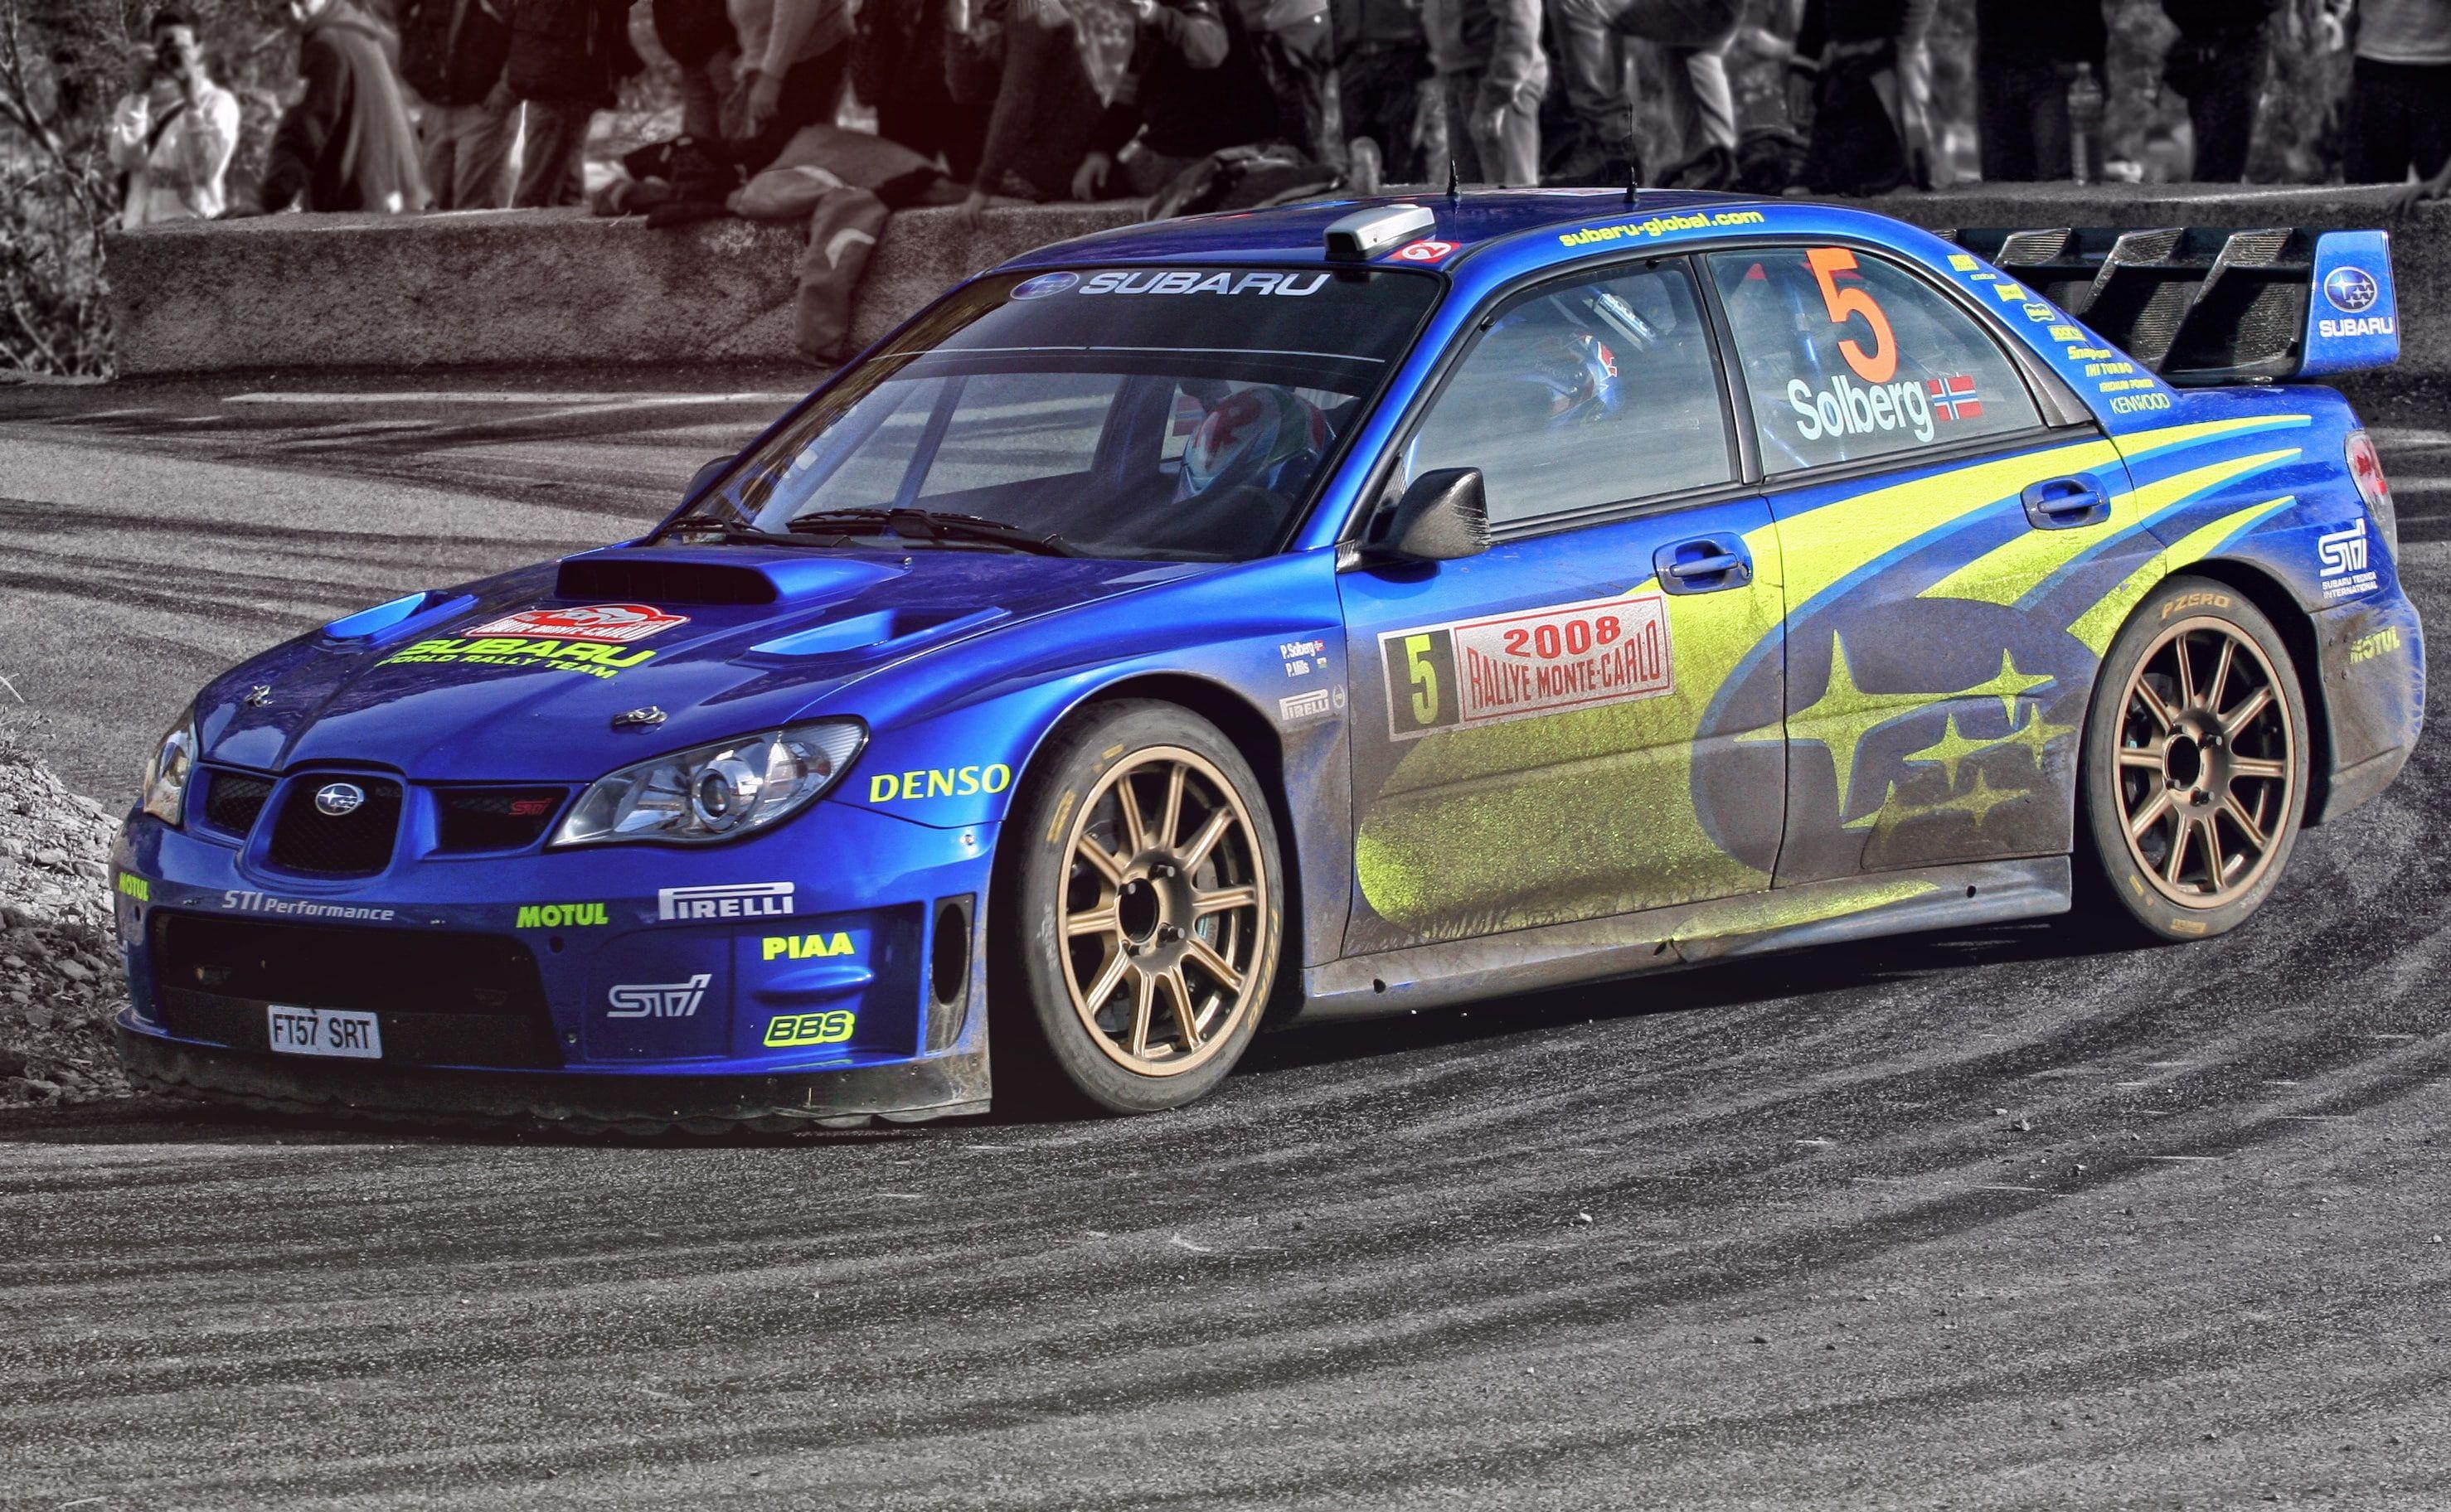 Auto Subaru Impreza Sport Machine Wrx Car Sti Subaru Impreza Wrx Sti Solberg Rally Rally Petter Solberg Subaru Impreza Wr Carros Super Carros Auto